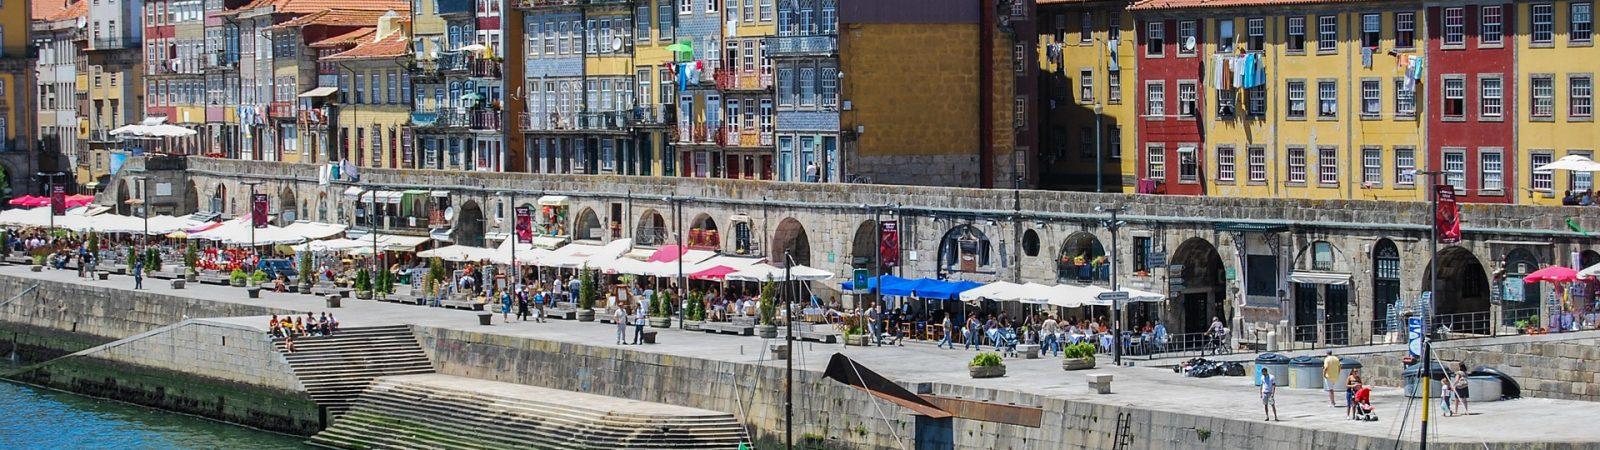 Oporto es una de las cien ciudades inteligentes que trabaja en el proyecto por el Pacto Verde Europeo local. Su empresa de aguas será también de energía.